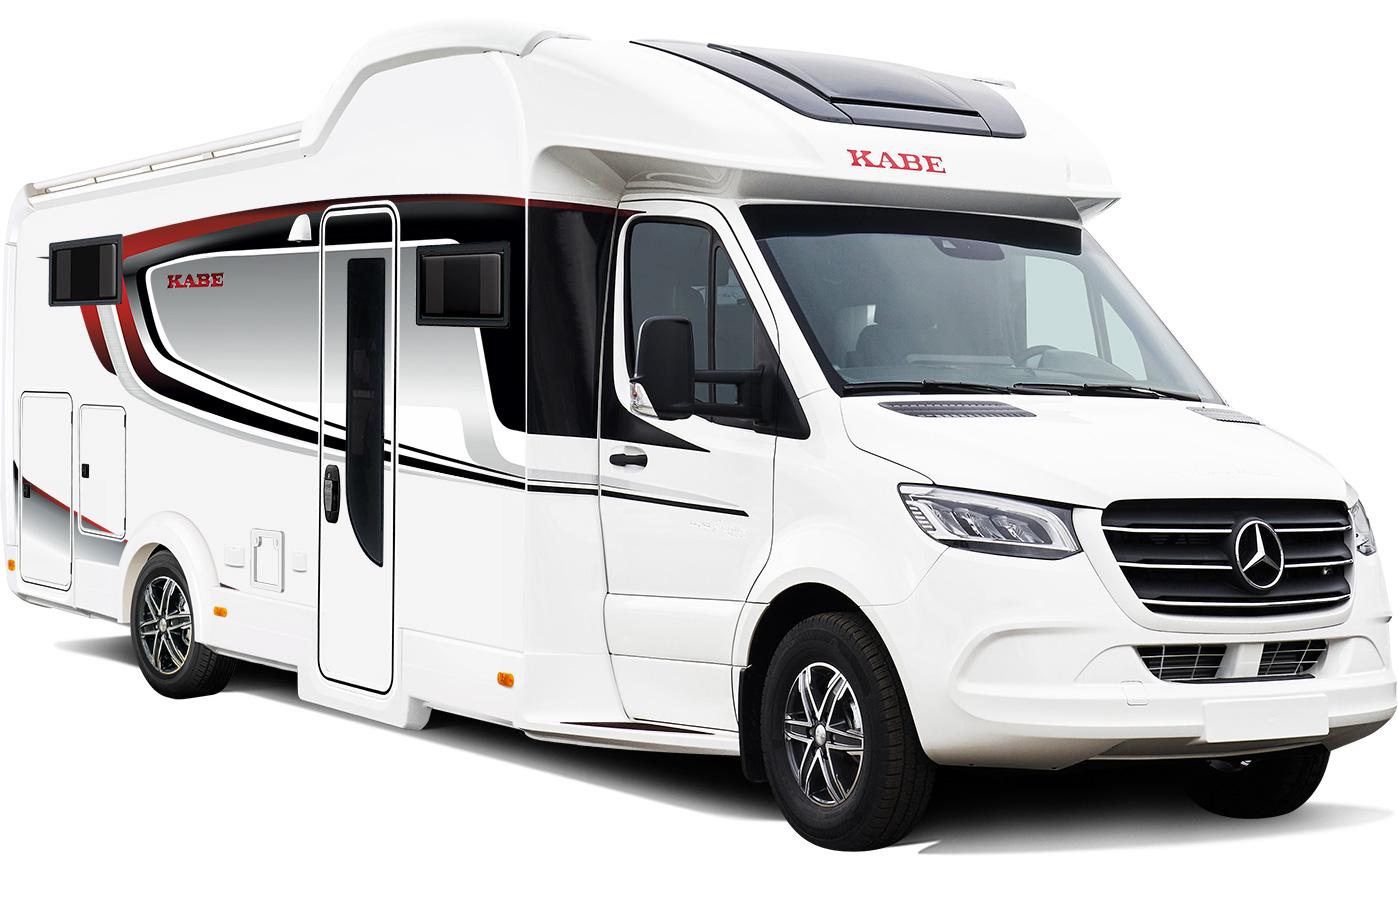 Kabe - Royal x780 LGB